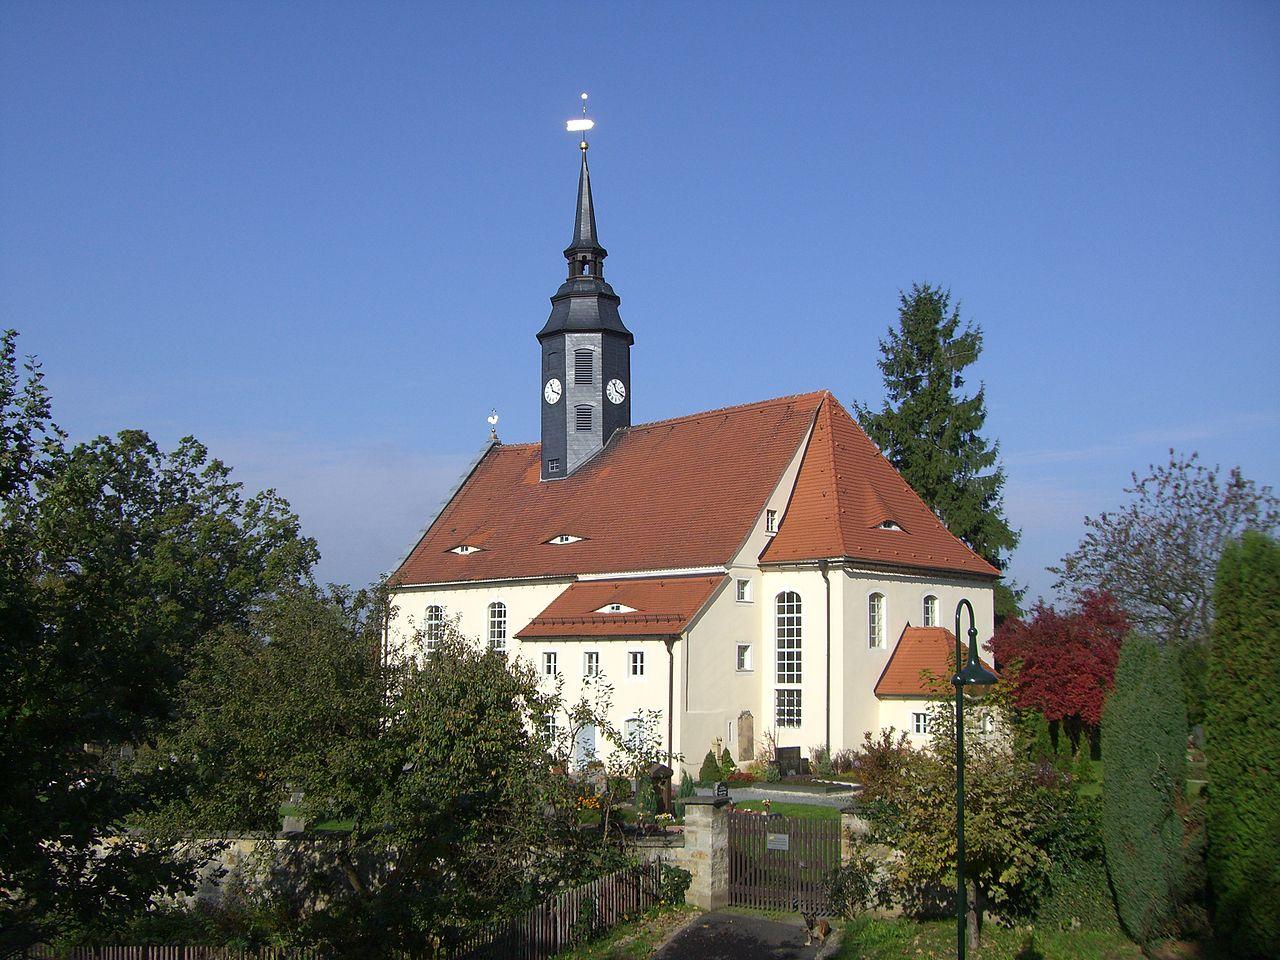 Bild Kirche St. Annen Niederschöna